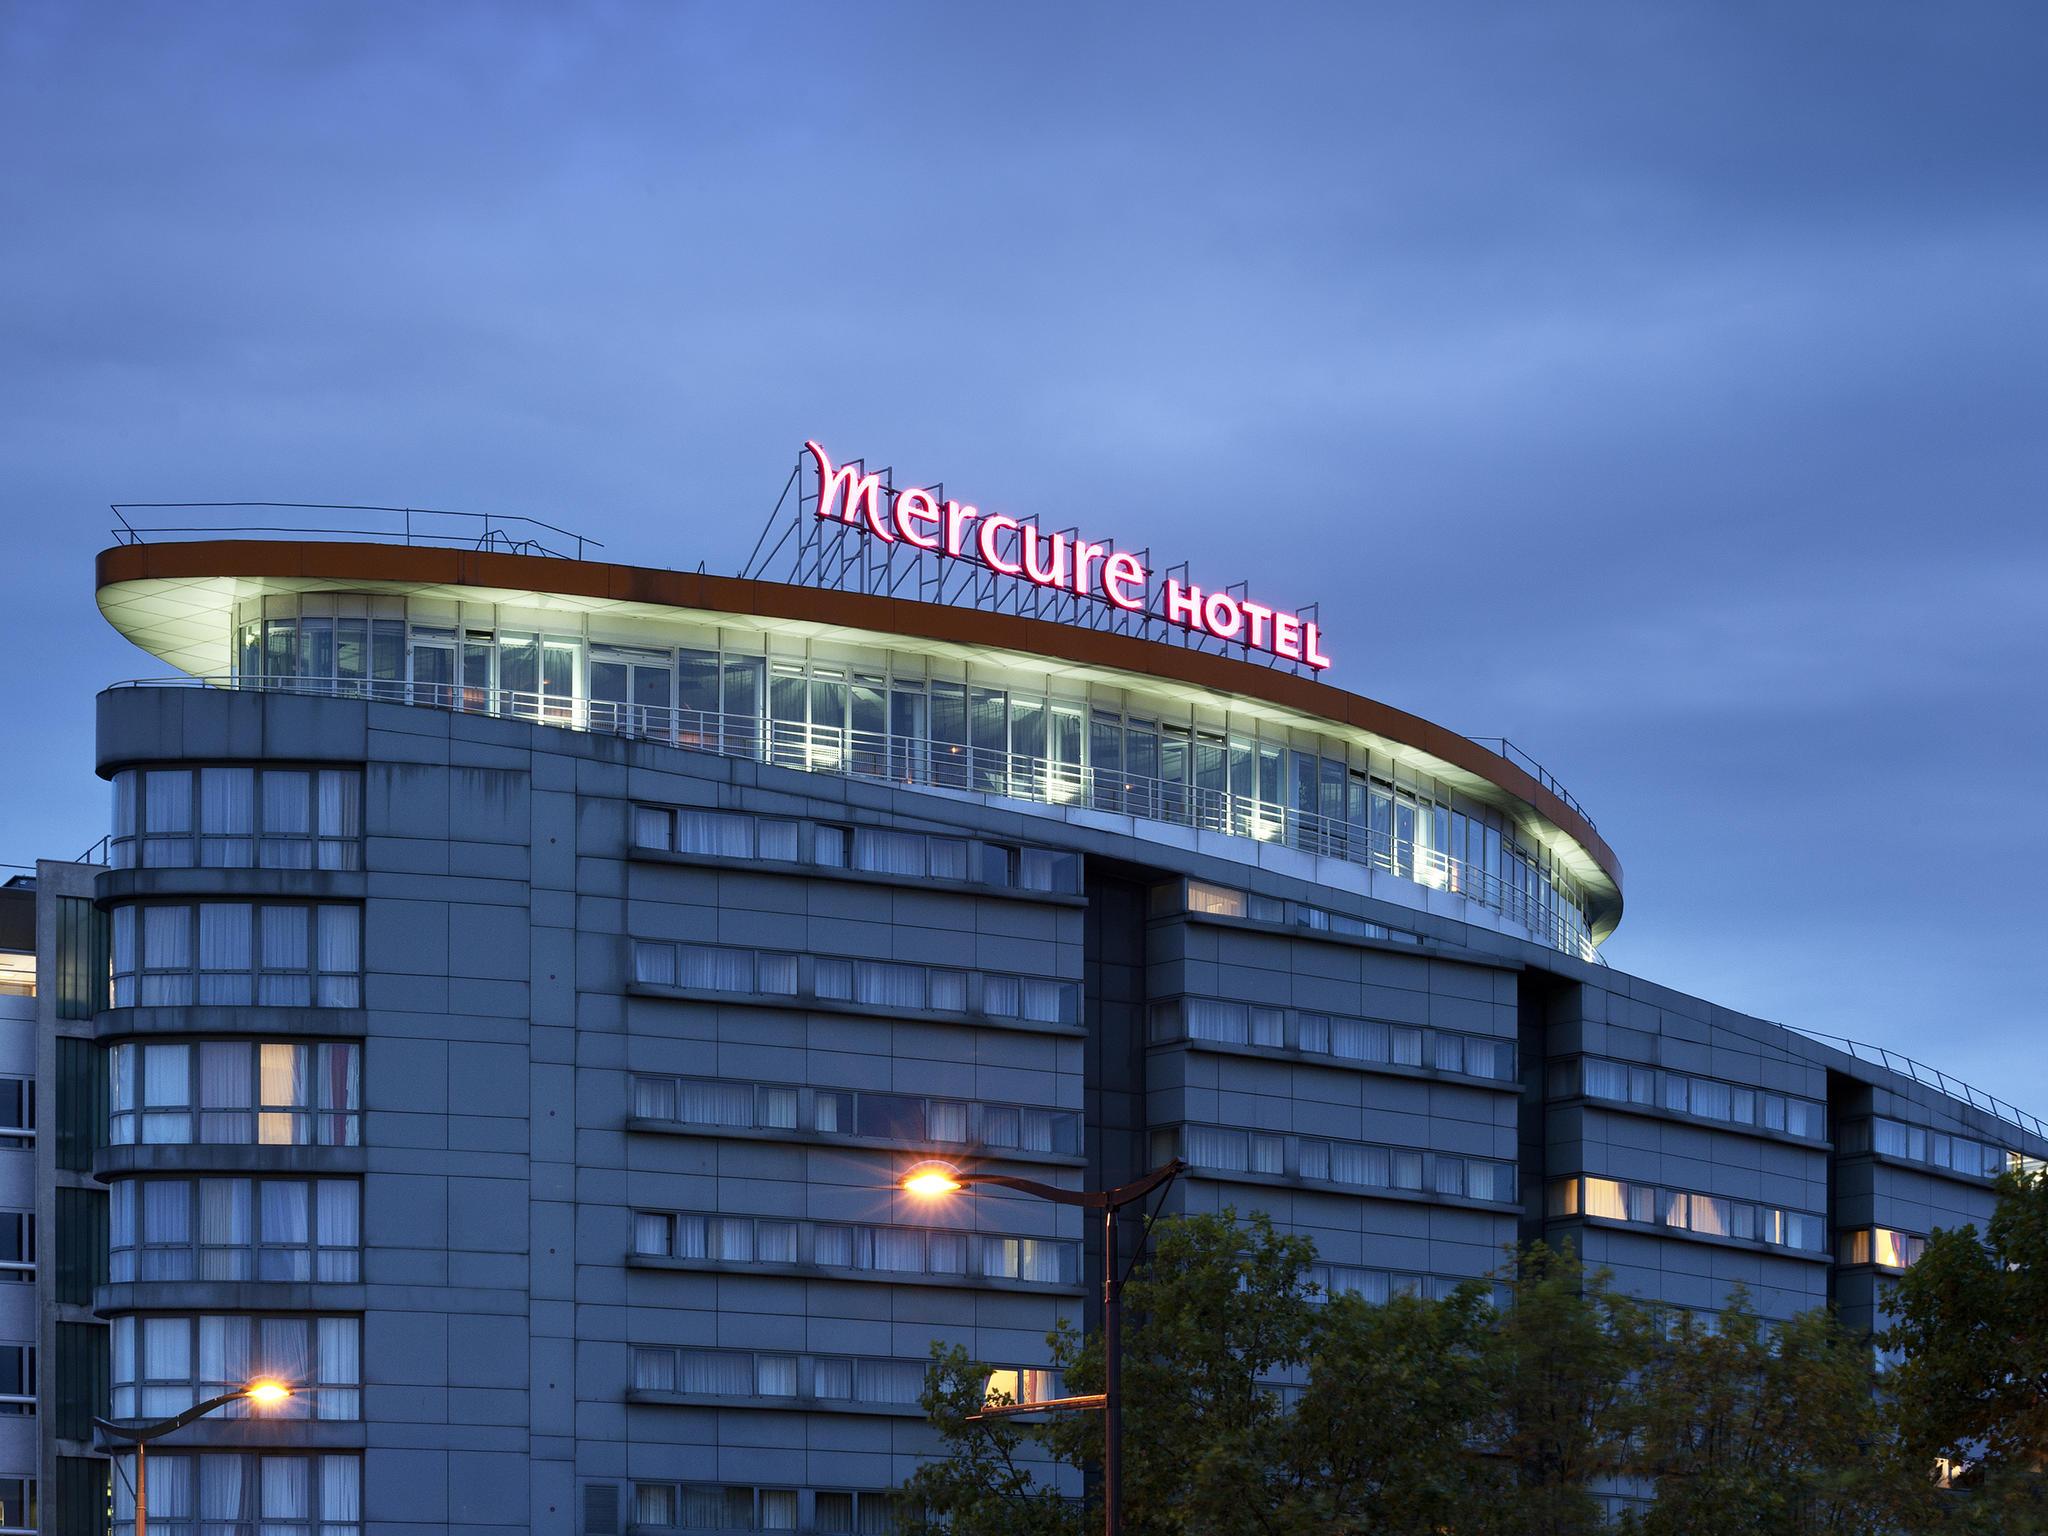 فندق - فندق مركيور Mercure باريس 19 فيلارمني لافيليت